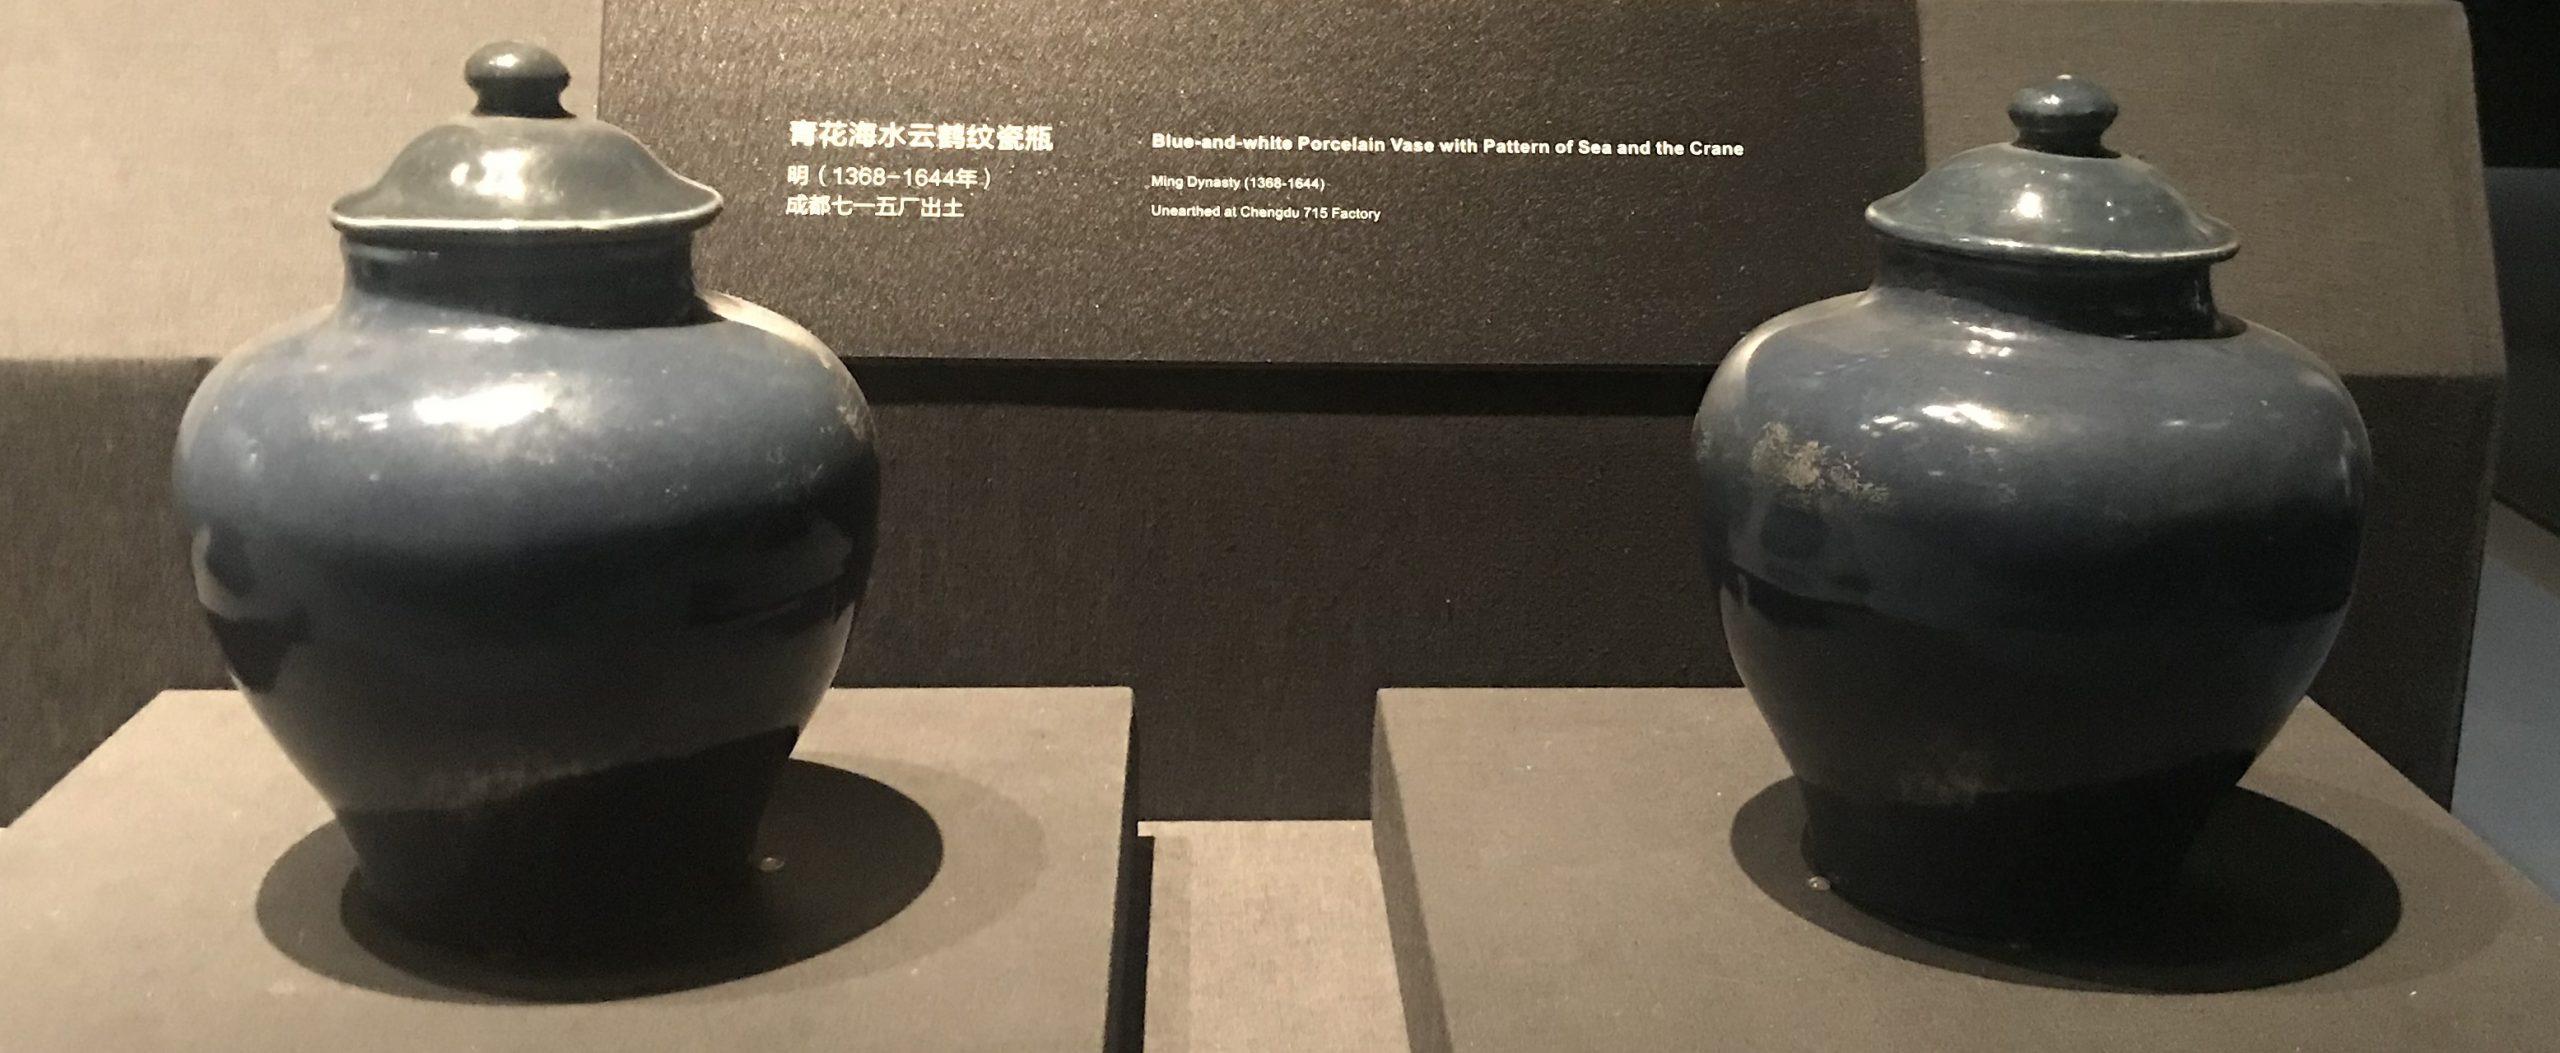 藍釉帯蓋磁罐-明清時代-常設展F3-成都博物館